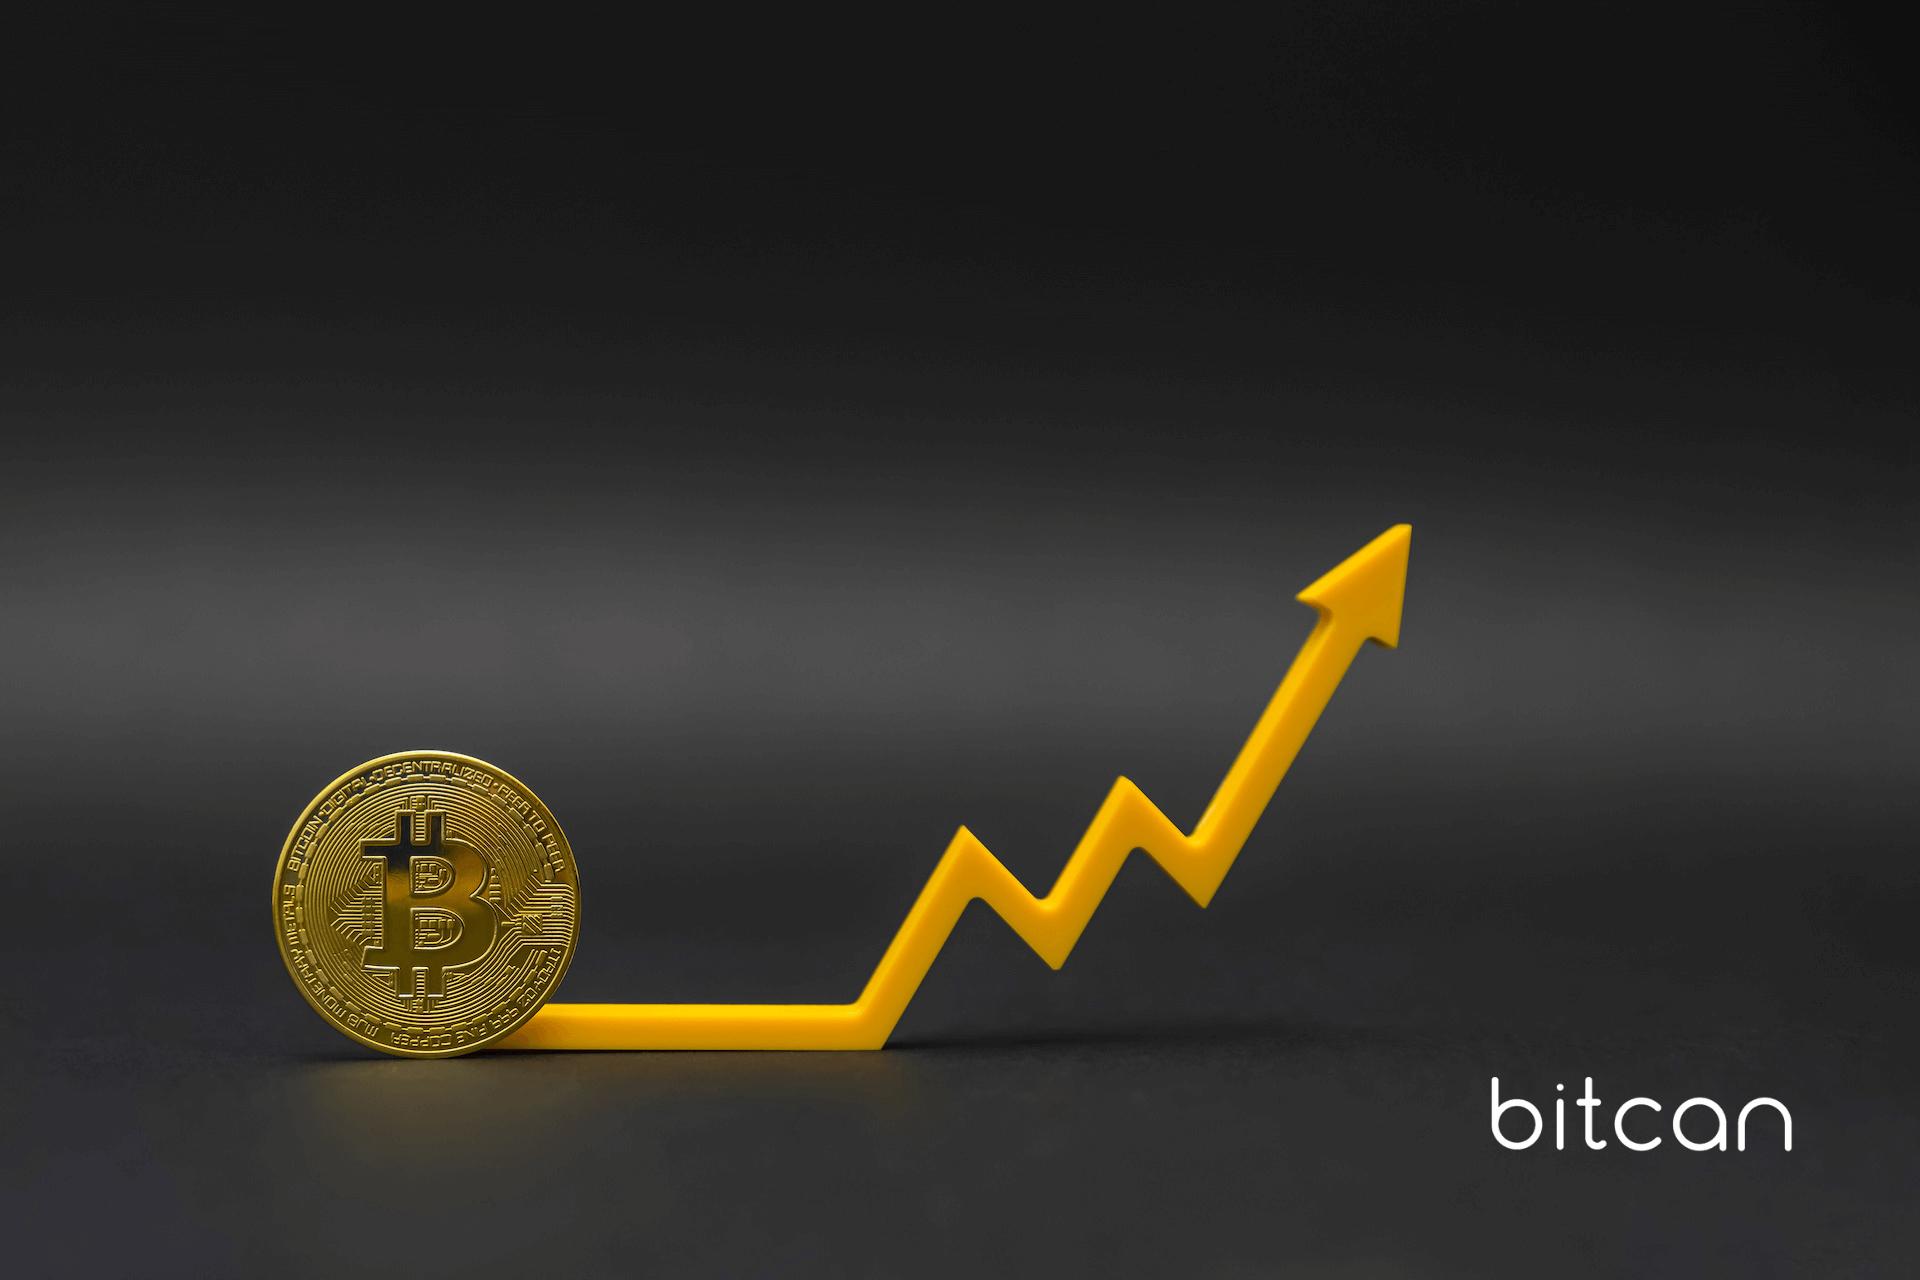 Inwestycja w kryptowaluty bitcoin — kurs który rośnie nieprzerwanie od 2013 roku